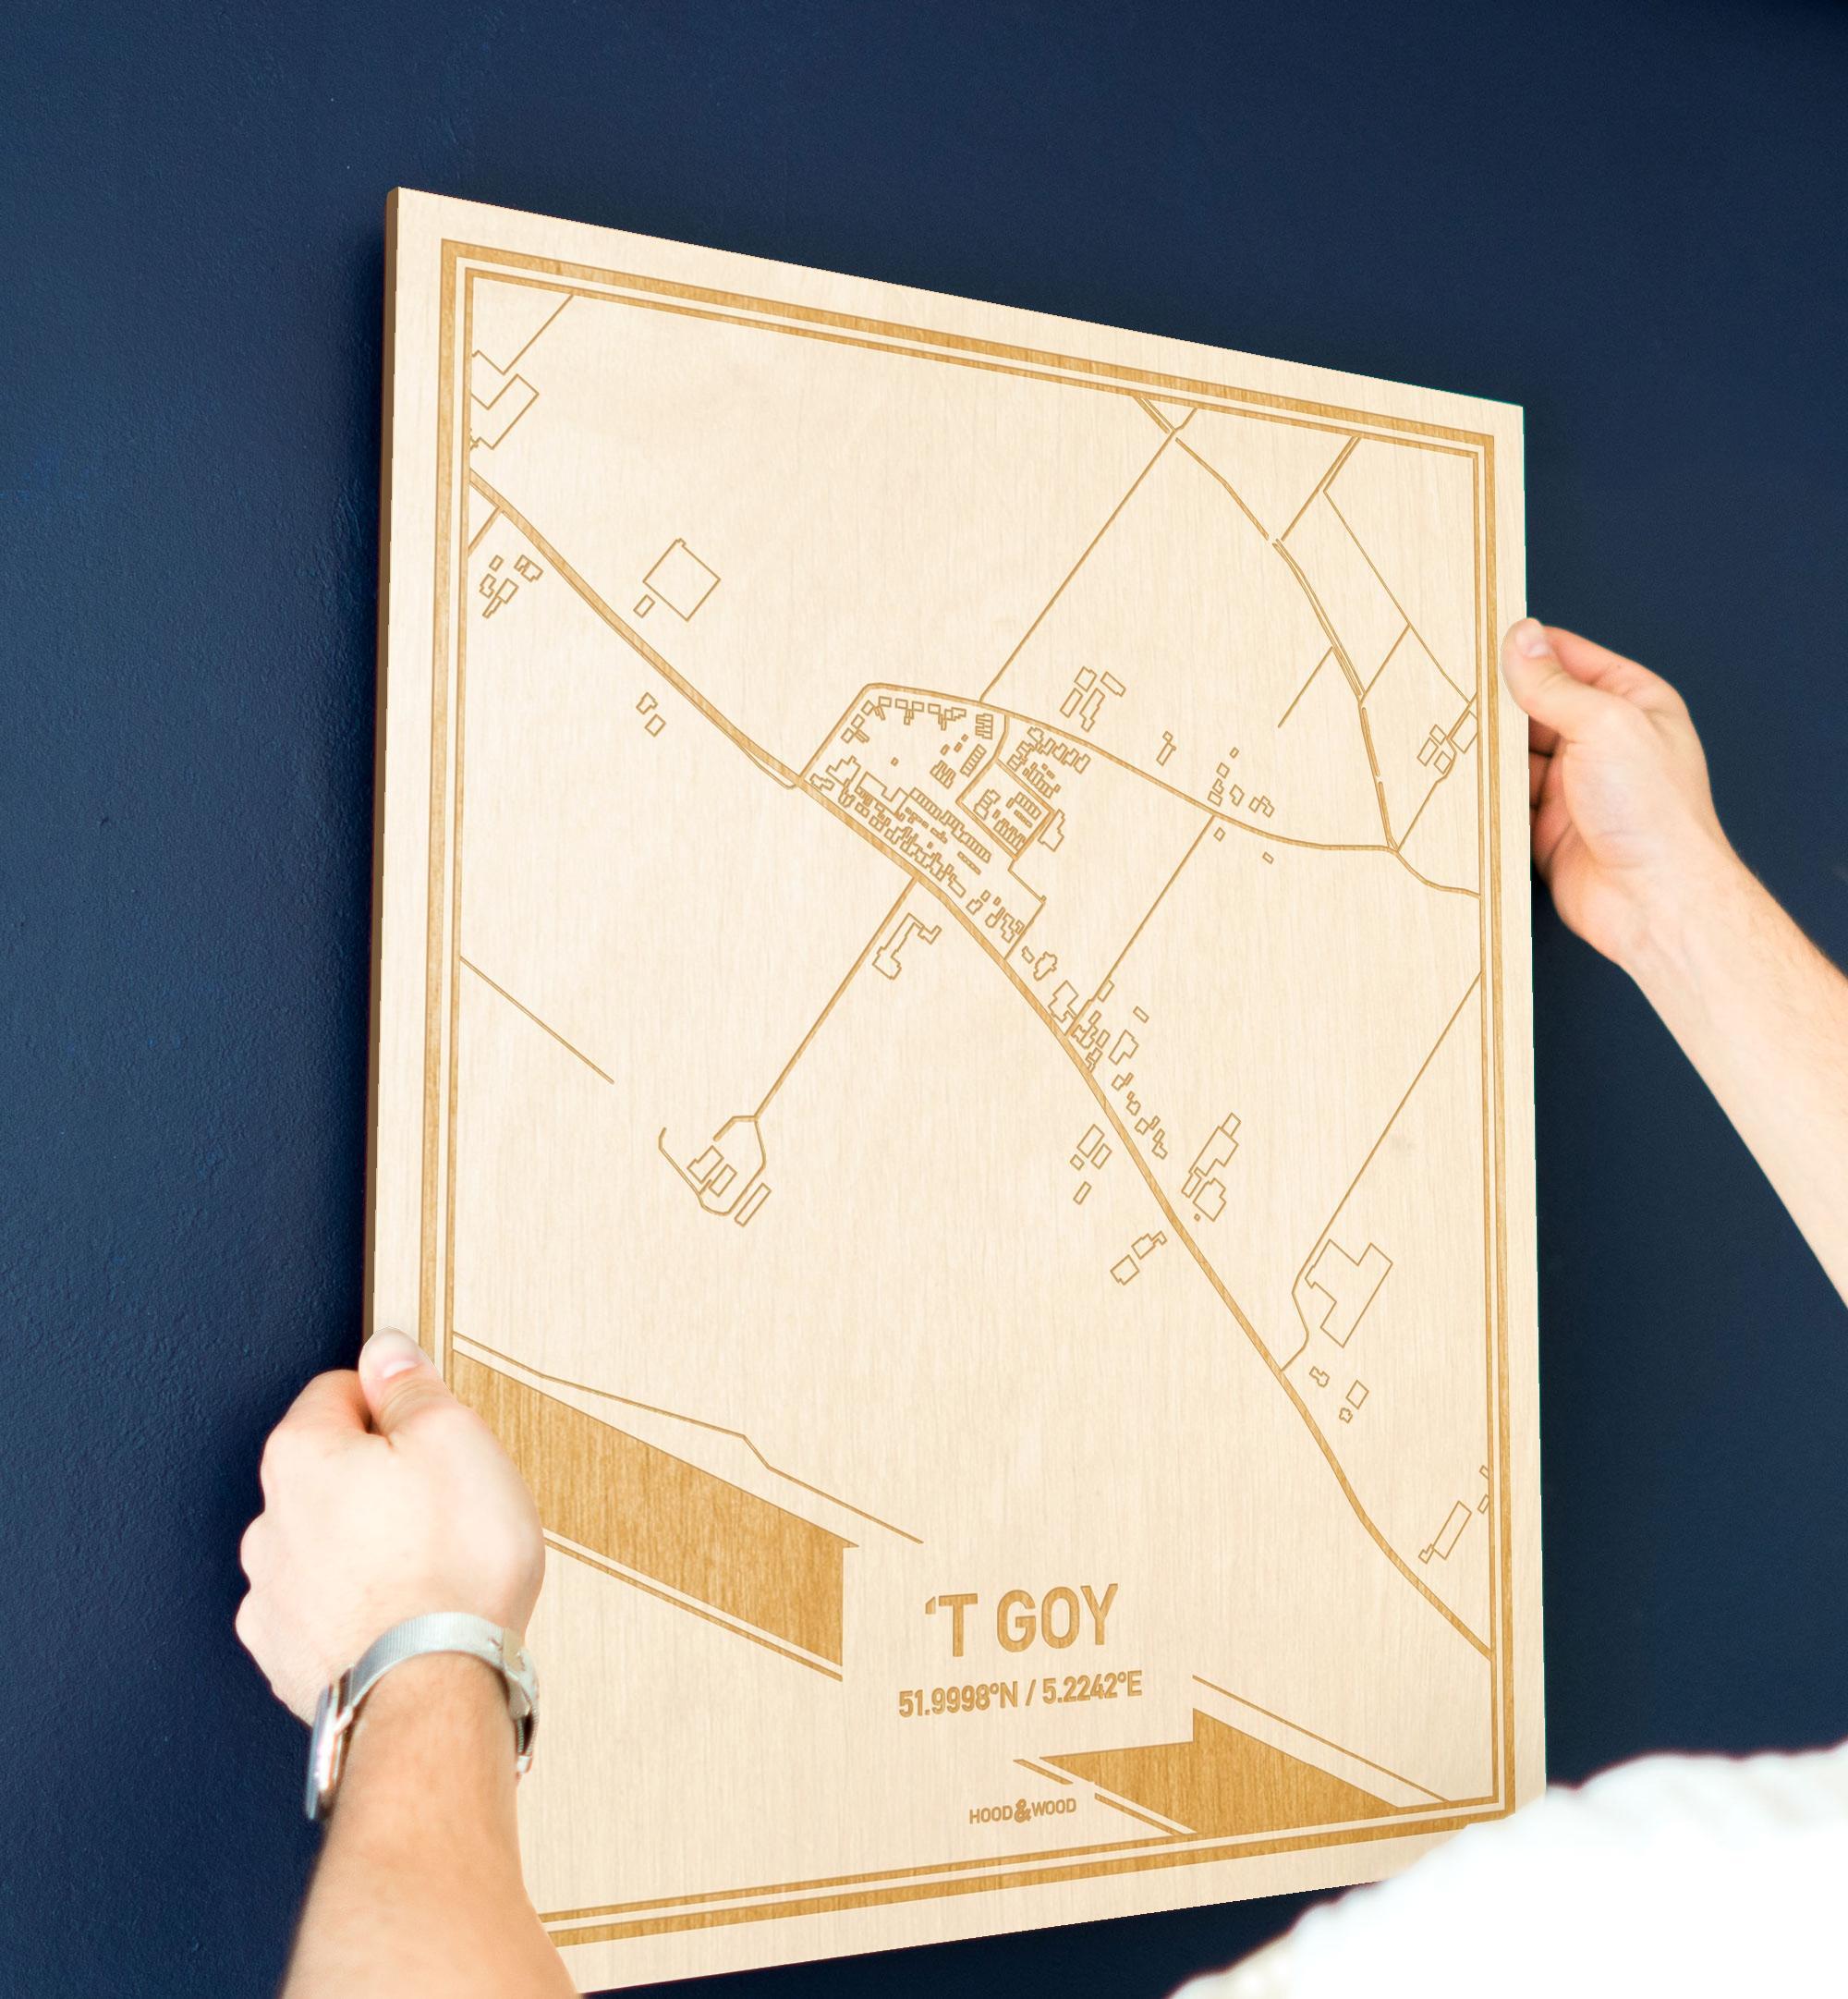 Een man hangt de houten plattegrond 't Goy aan zijn blauwe muur ter decoratie. Je ziet alleen zijn handen de kaart van deze unieke in Utrecht vasthouden.